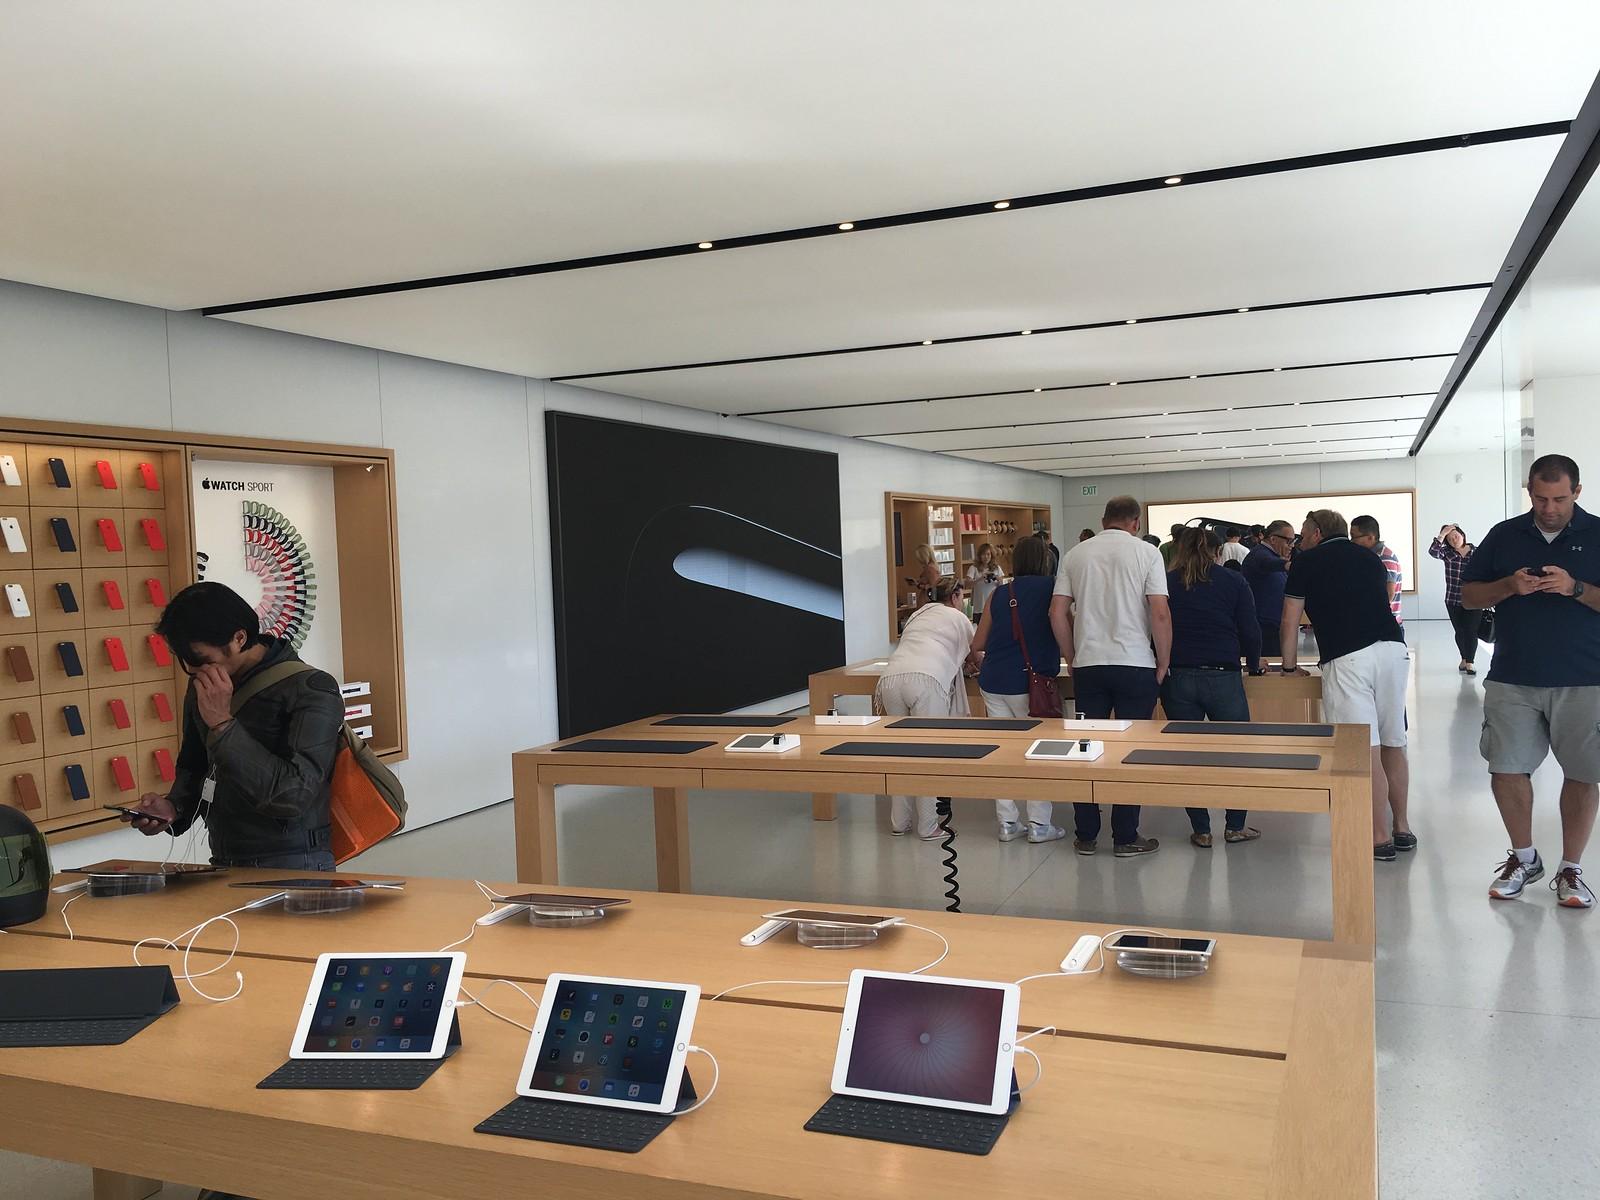 Apple Store Infinite Loop